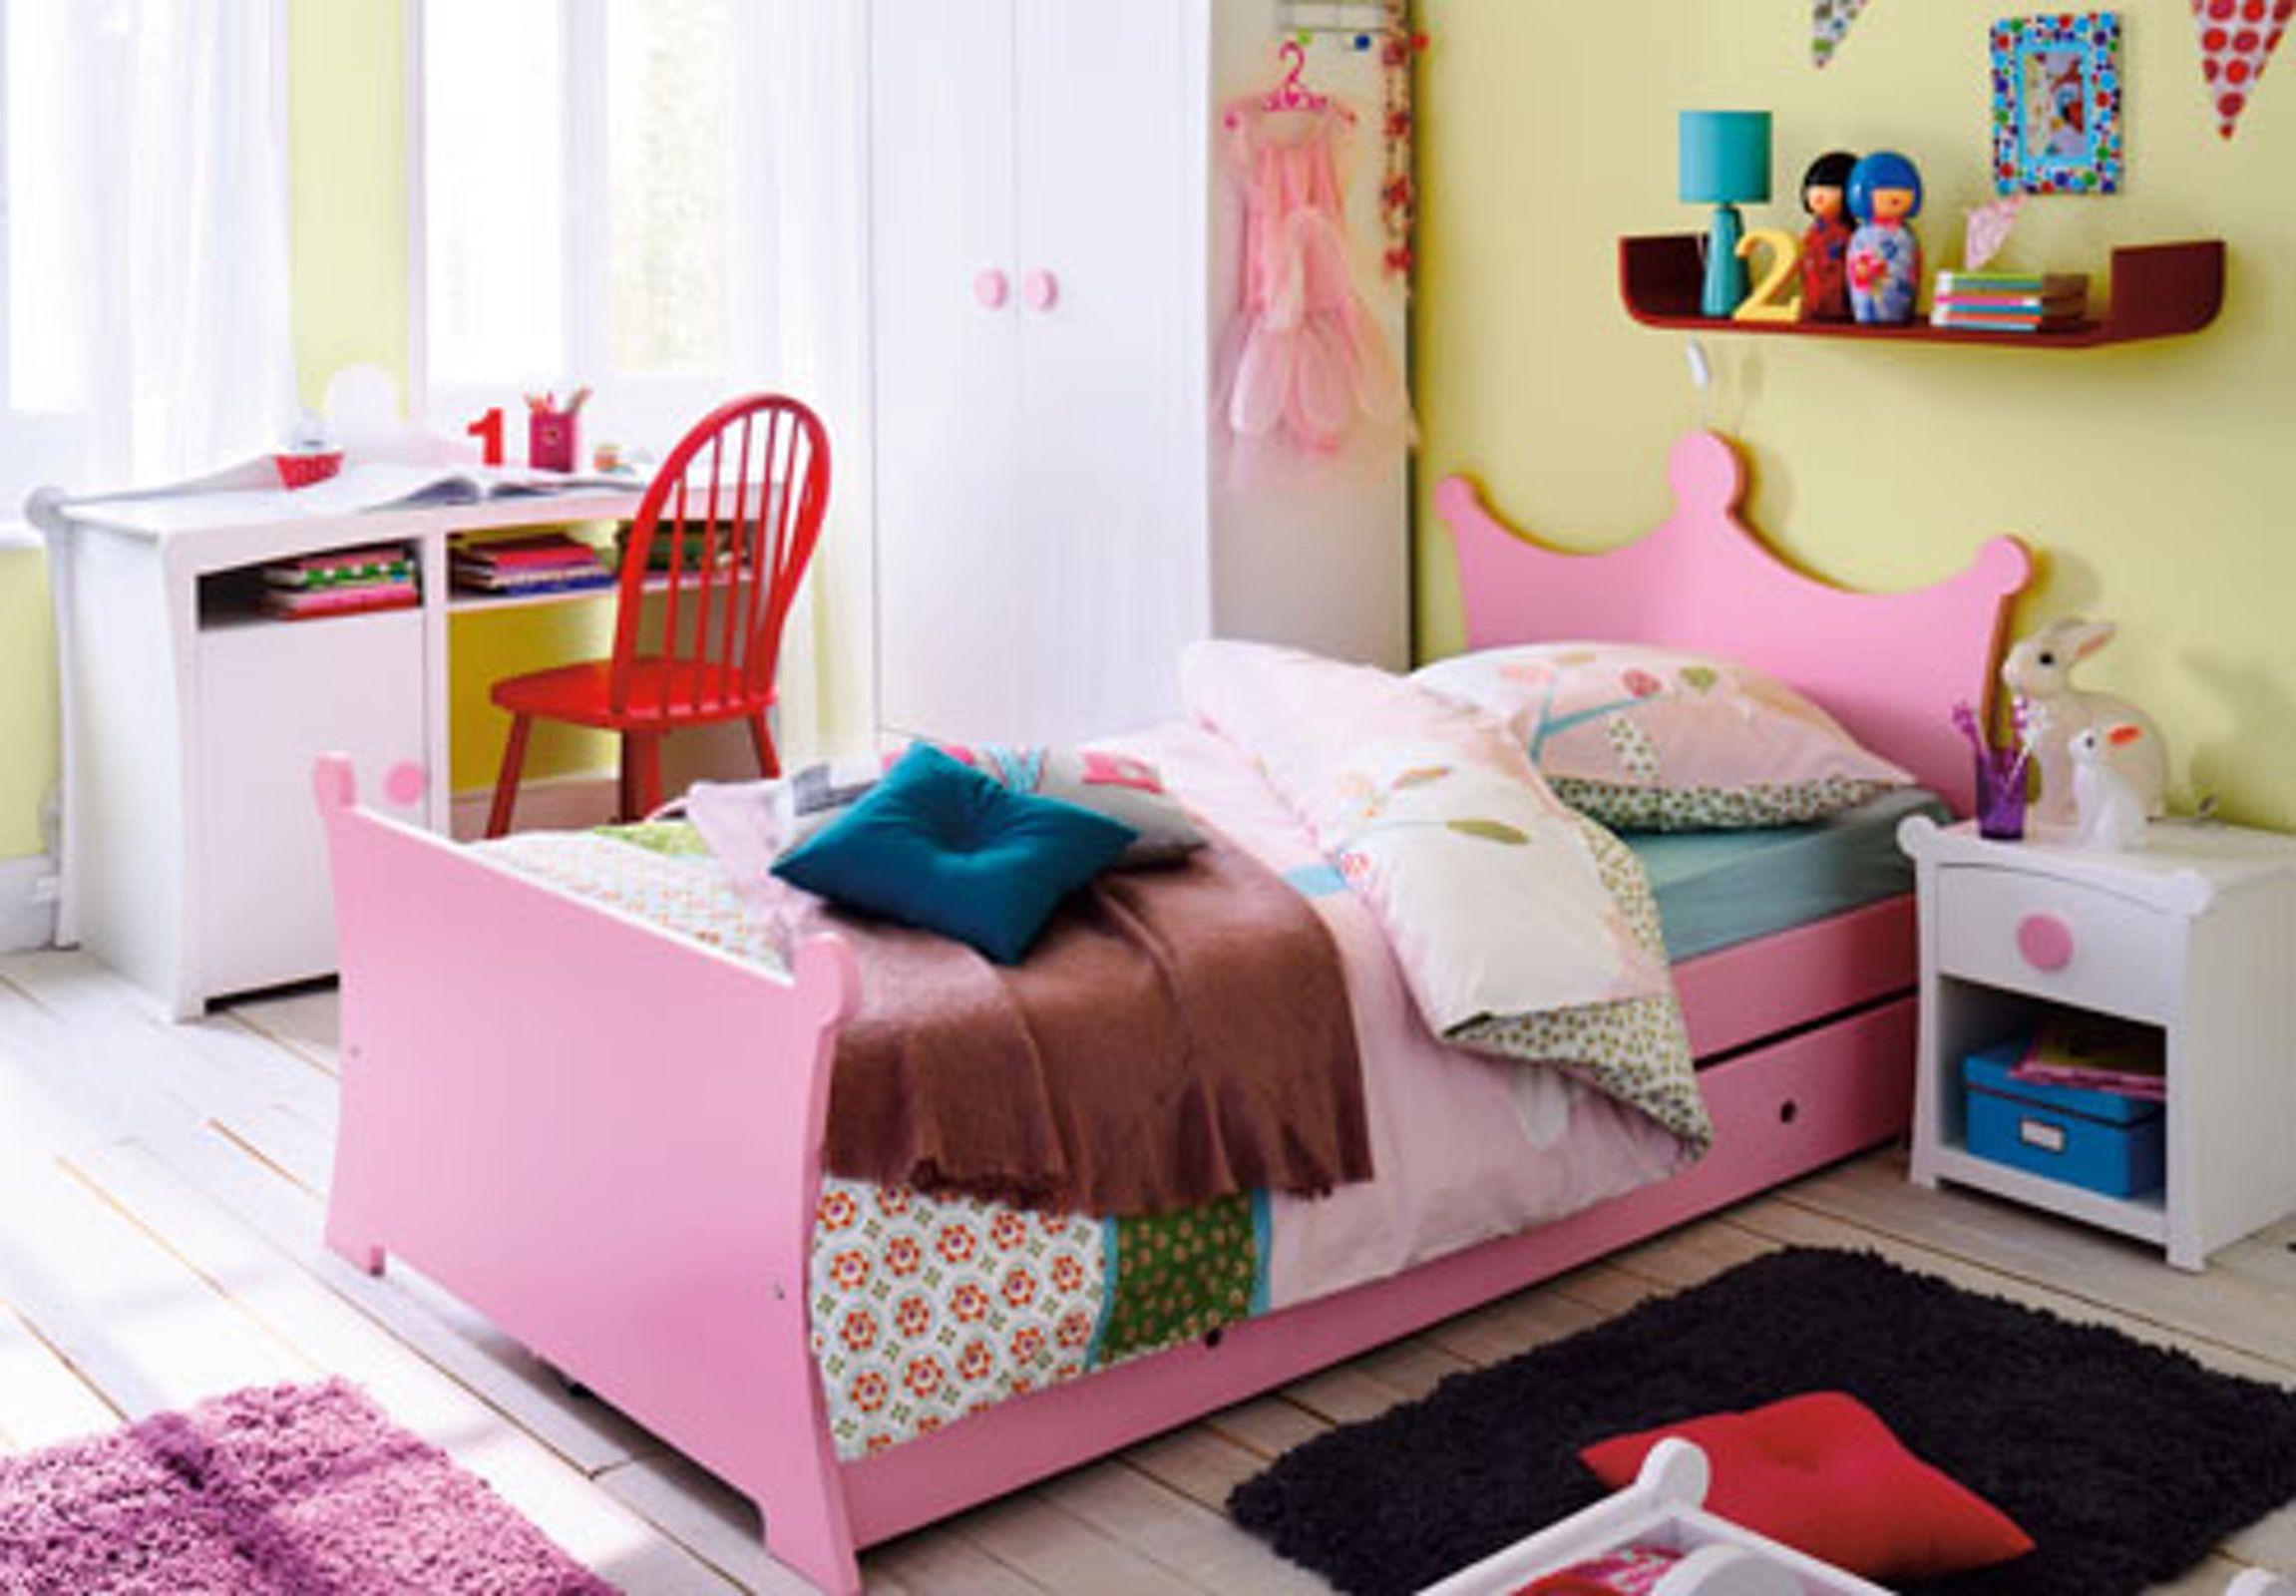 Chambre D Enfants Idees Deco Chambre Enfant Idee Deco Lit Pour Tout Petits